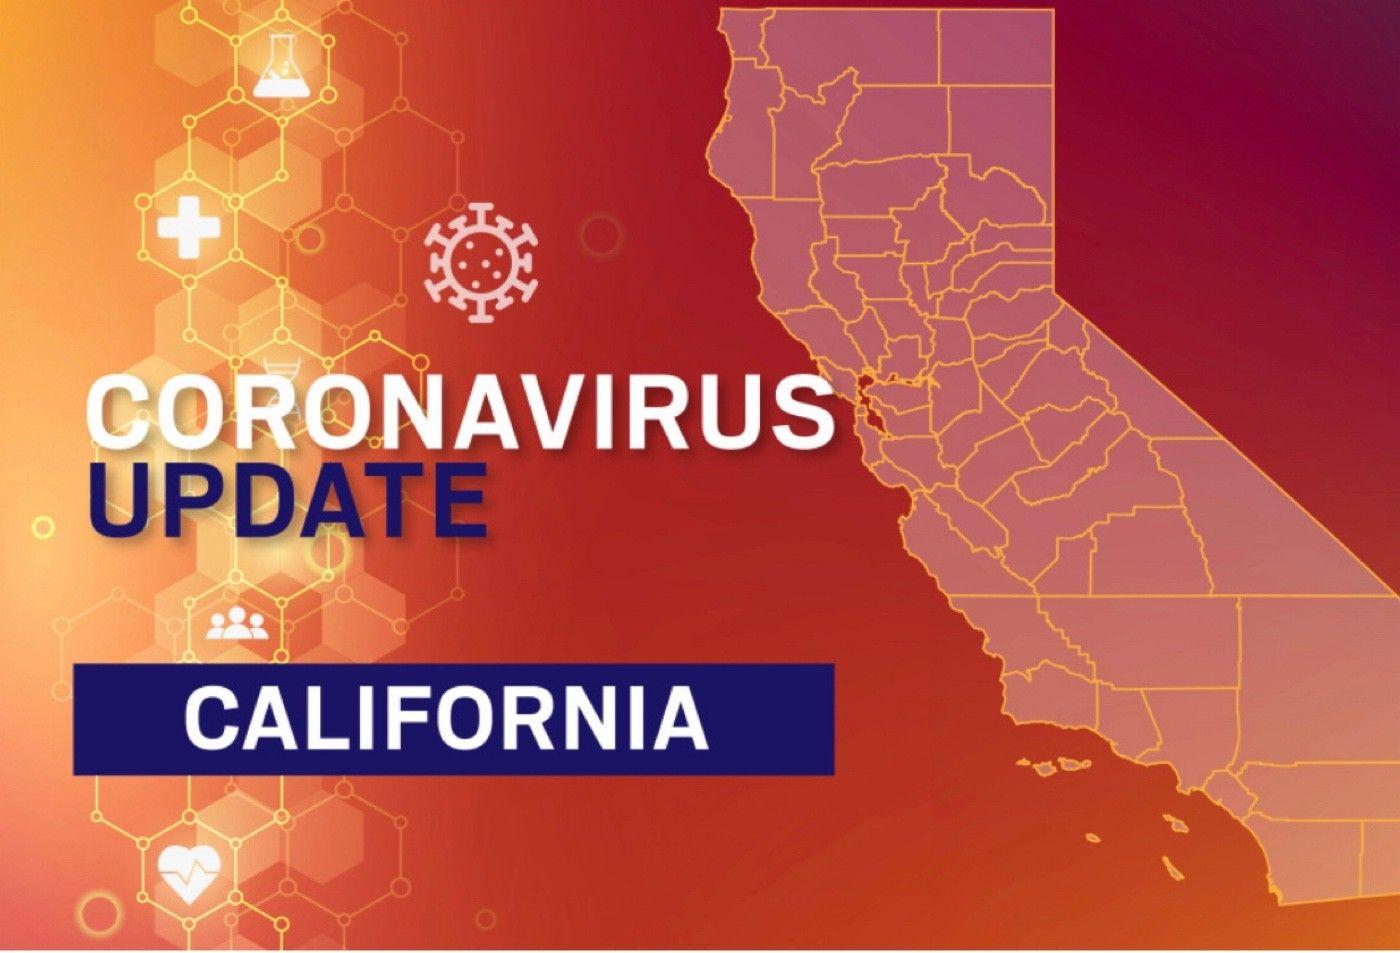 Coronavirus Update: California statewide